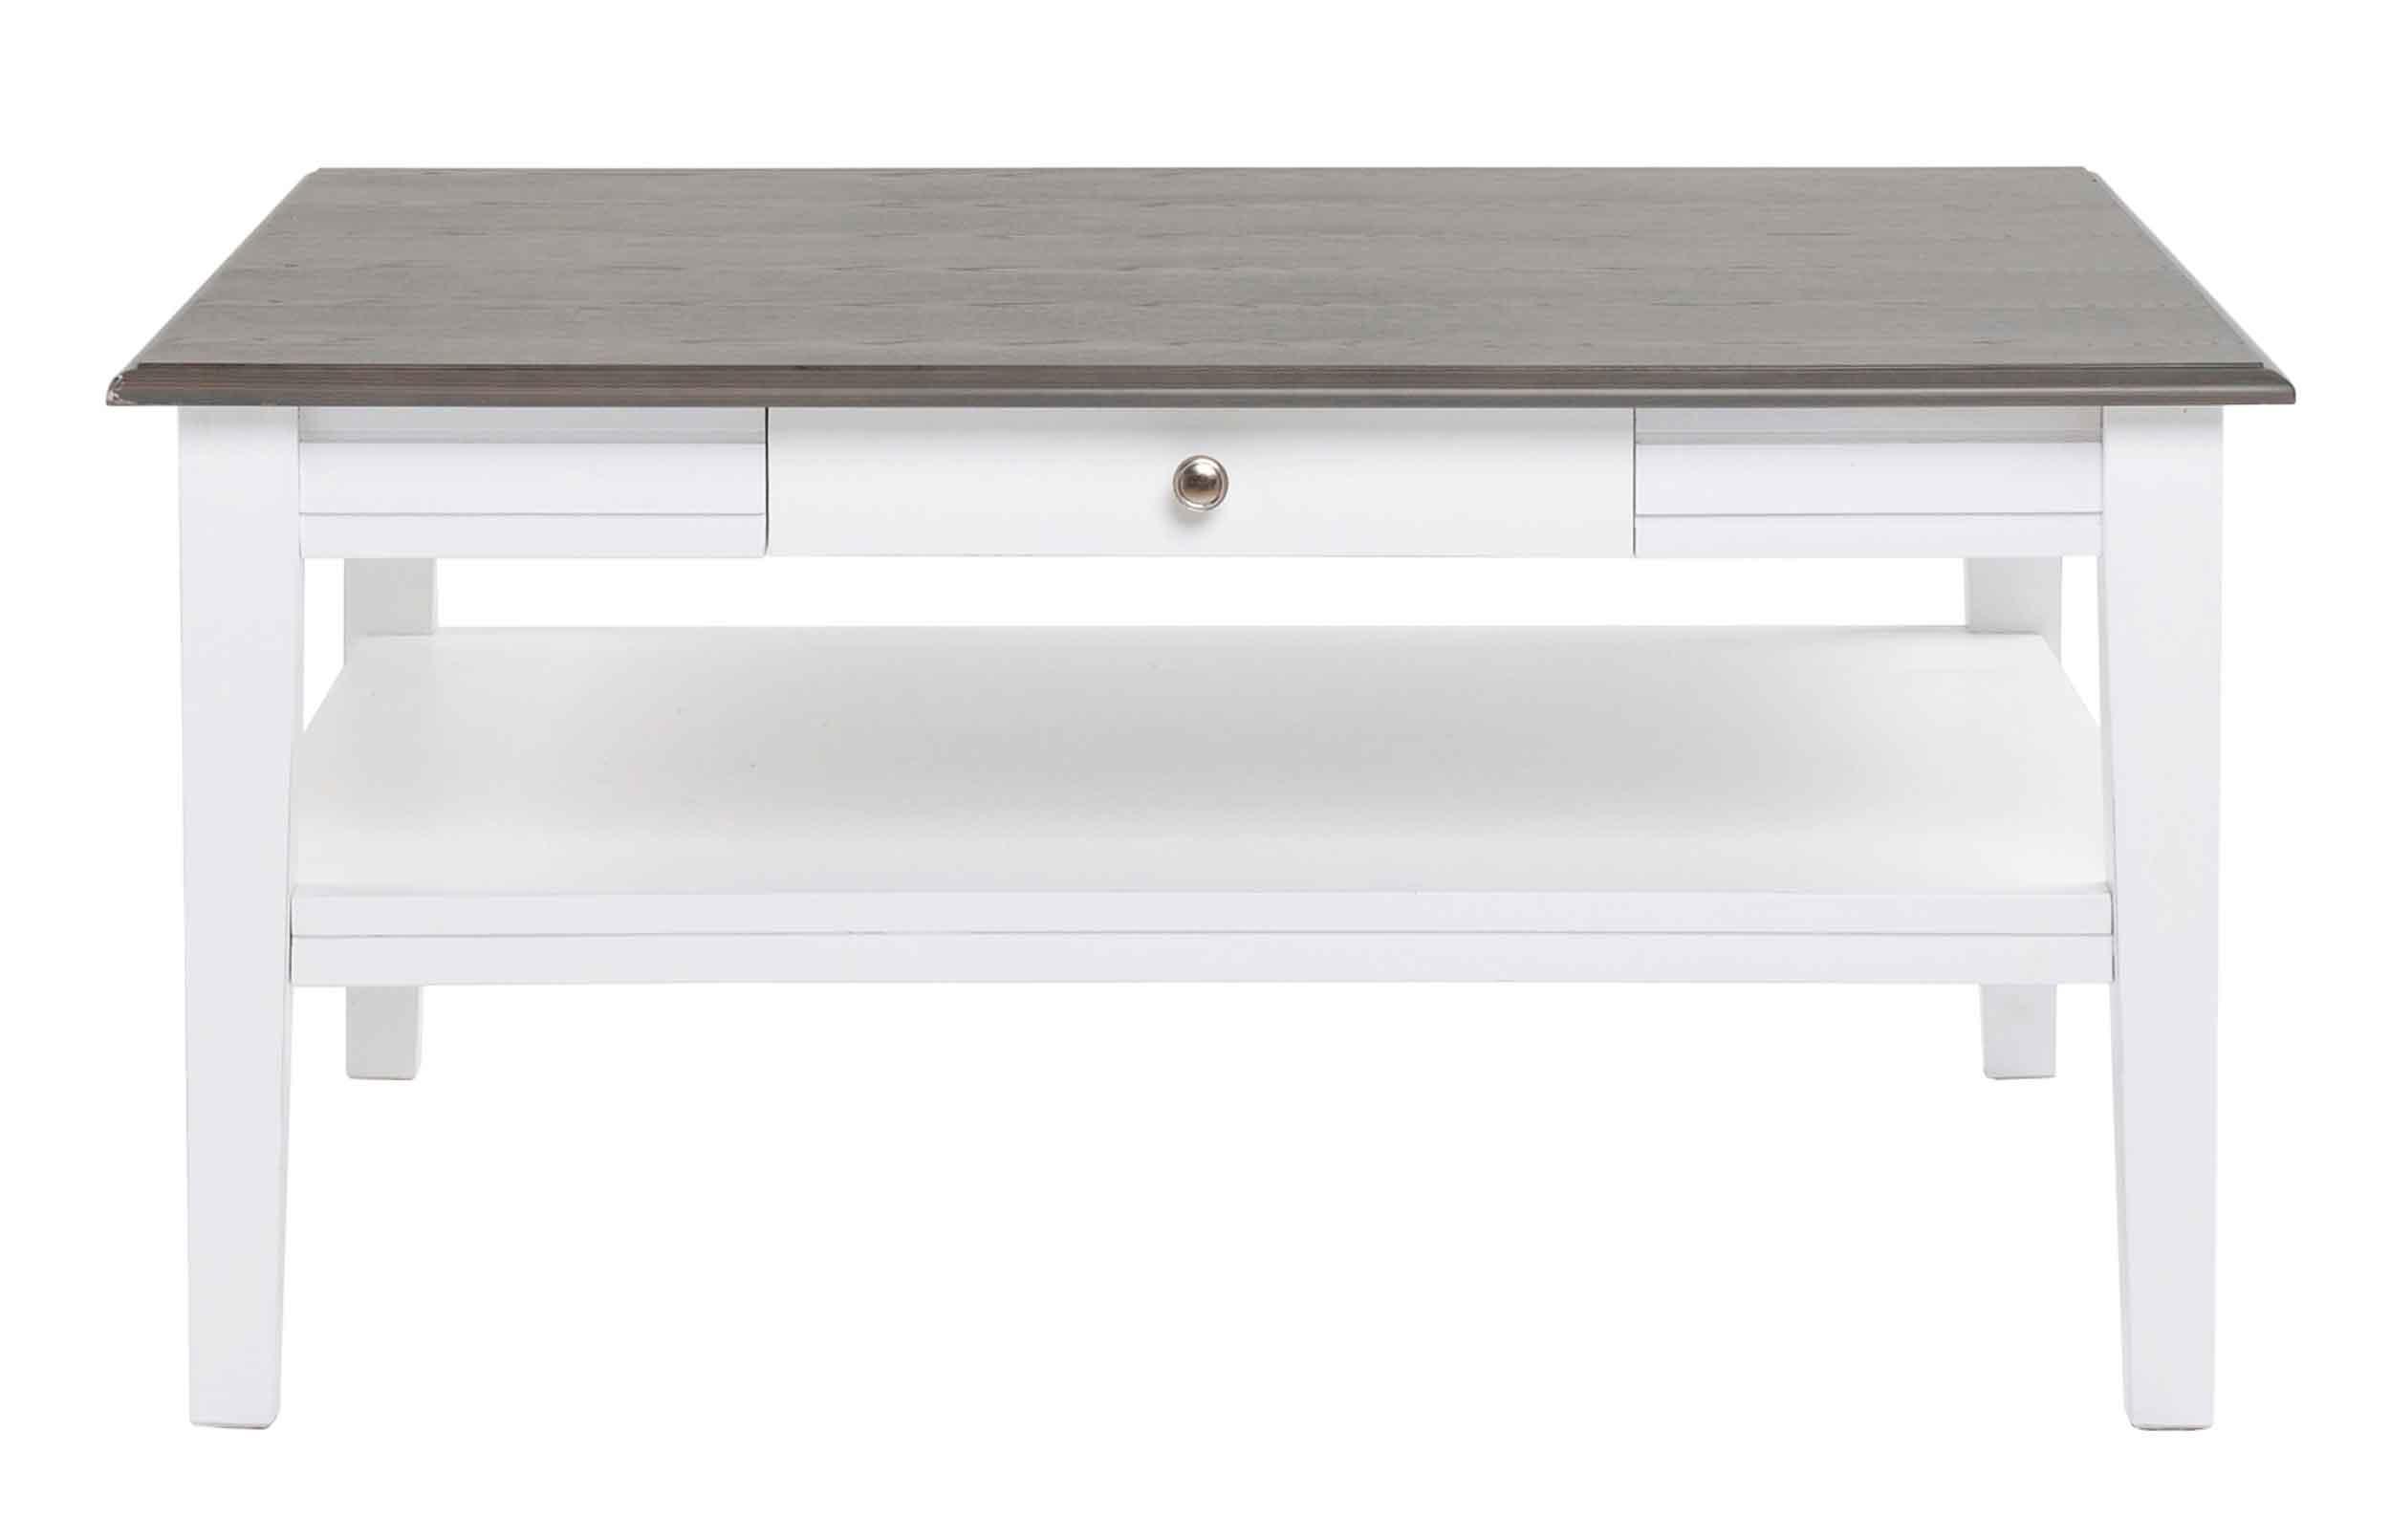 Viktoria sofabord - Hvidt og gråt træ, m. skuffe, 100x100